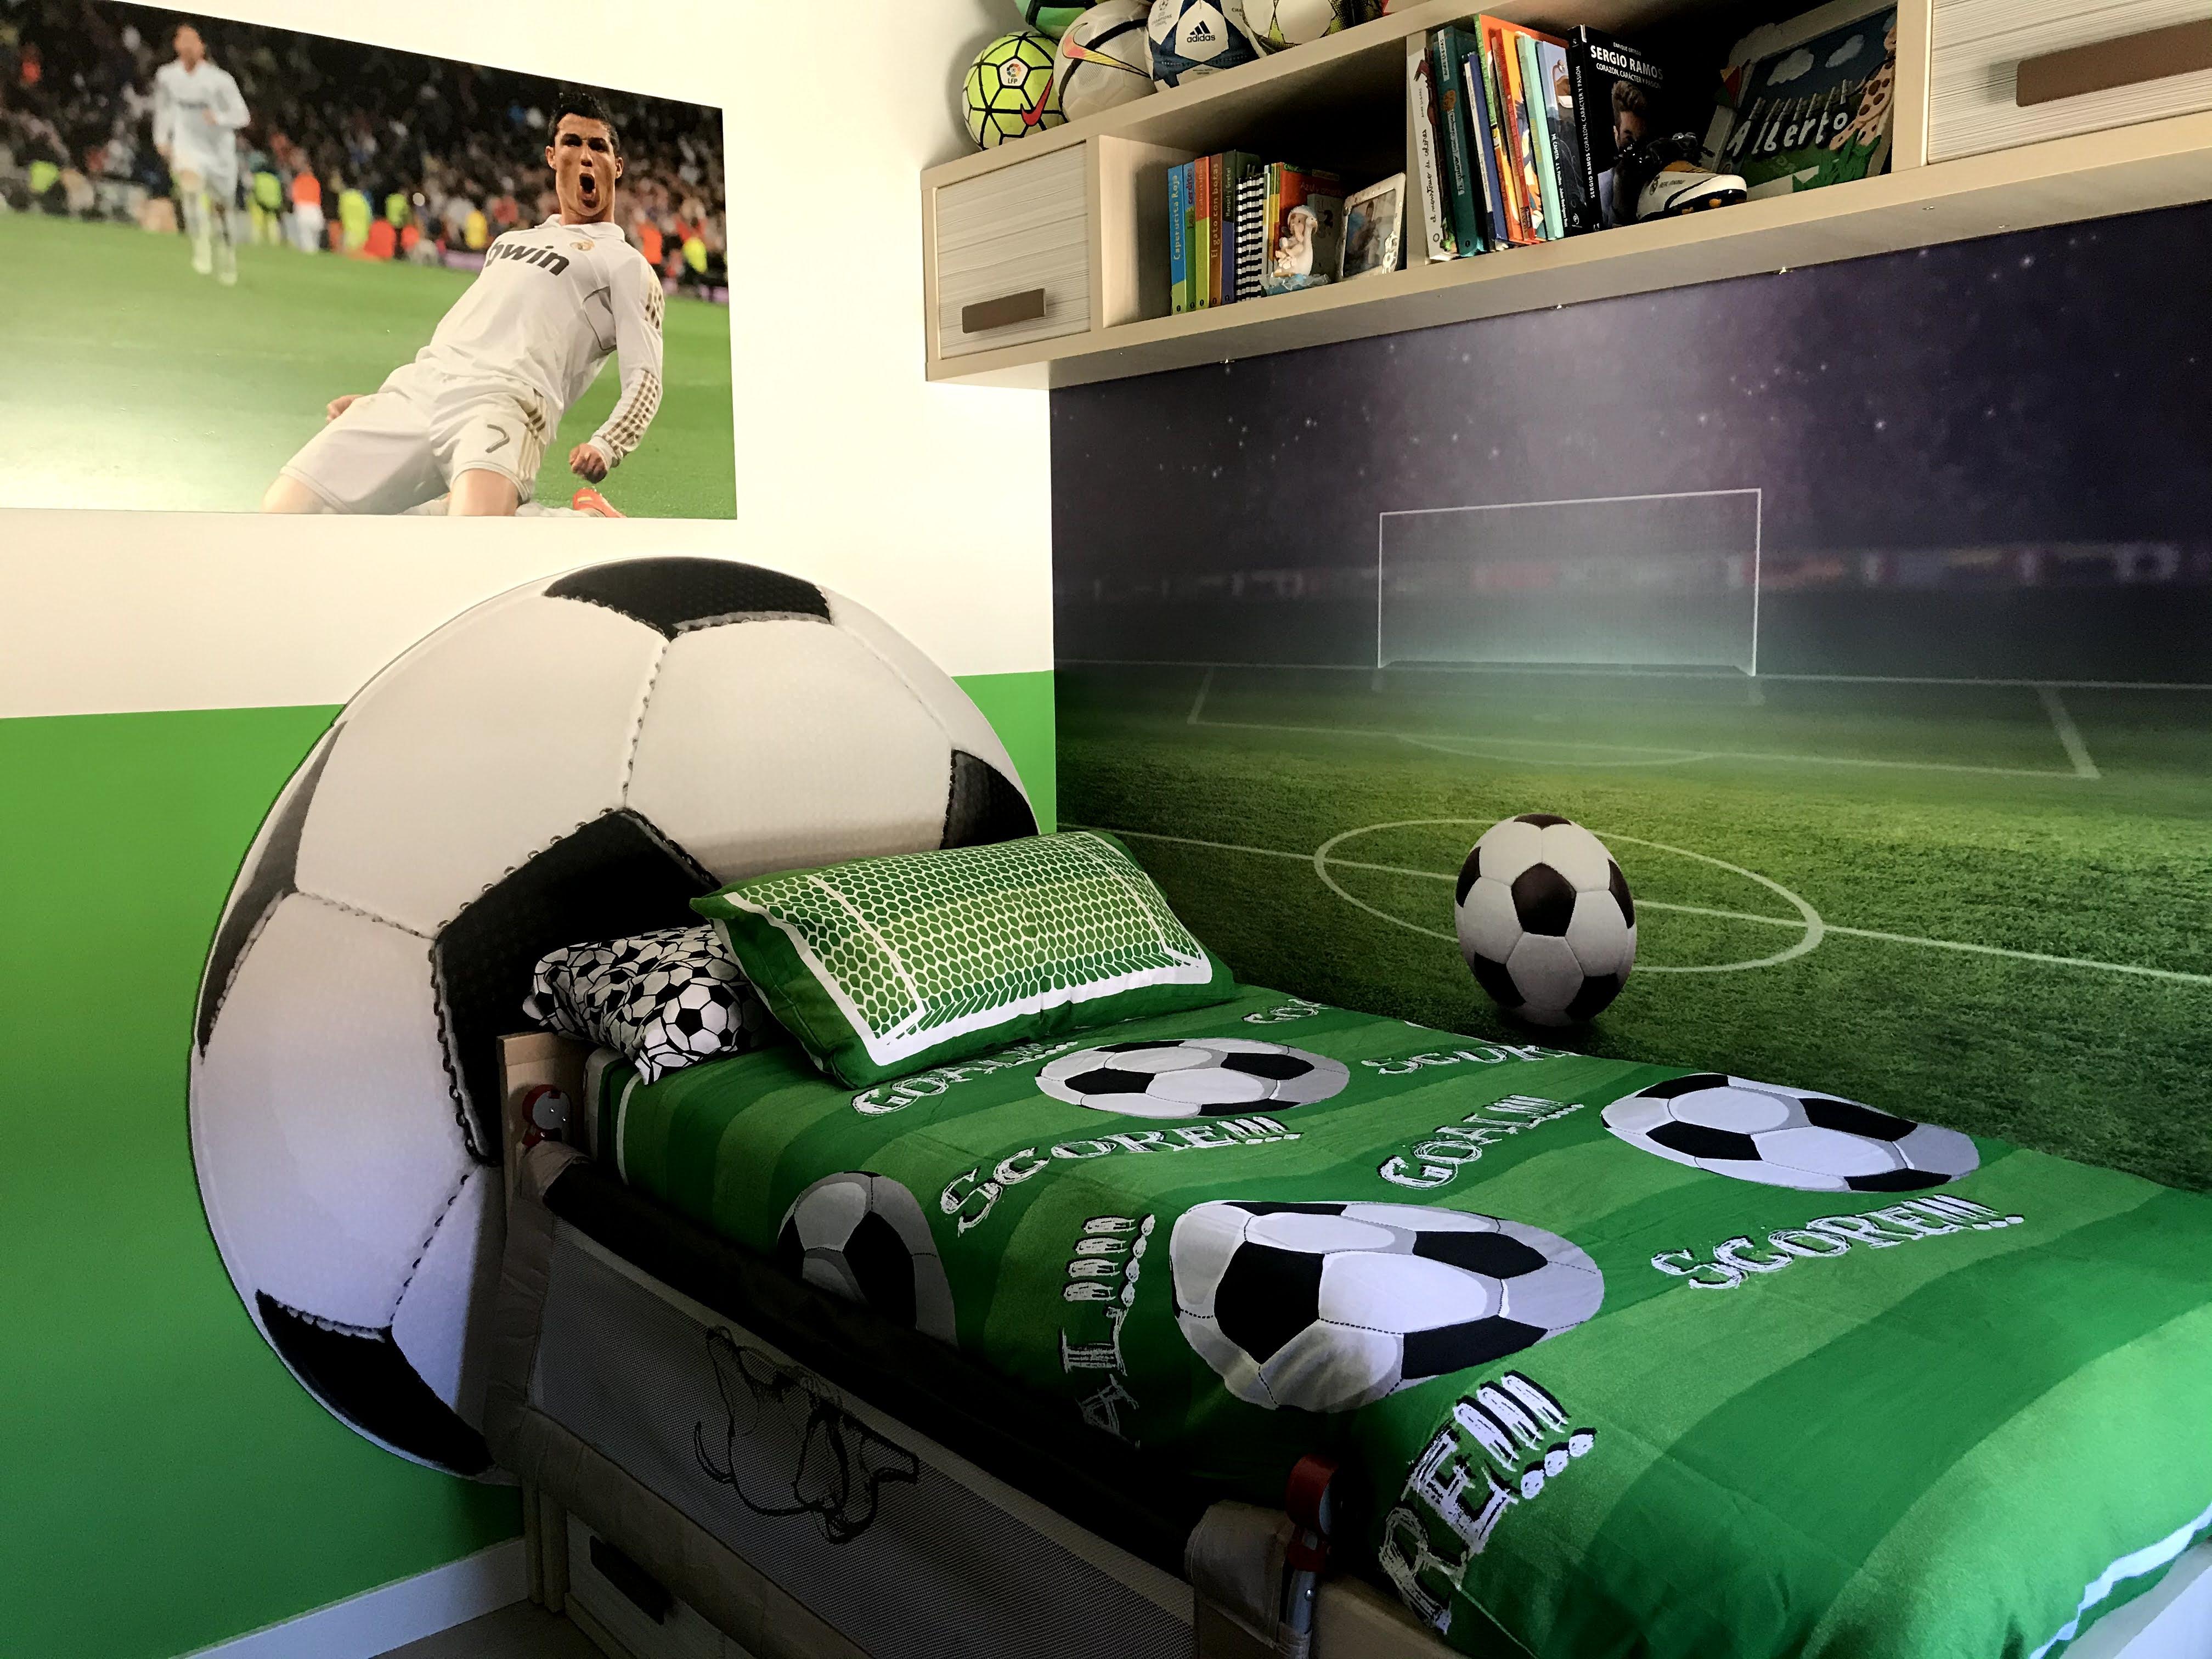 ¡Me gusta el fútbol!